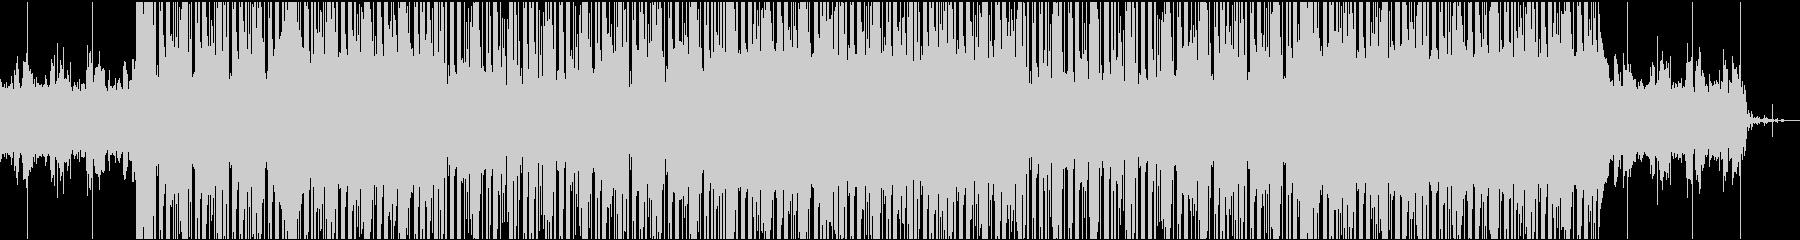 ダークでレトロなトラップビートの未再生の波形